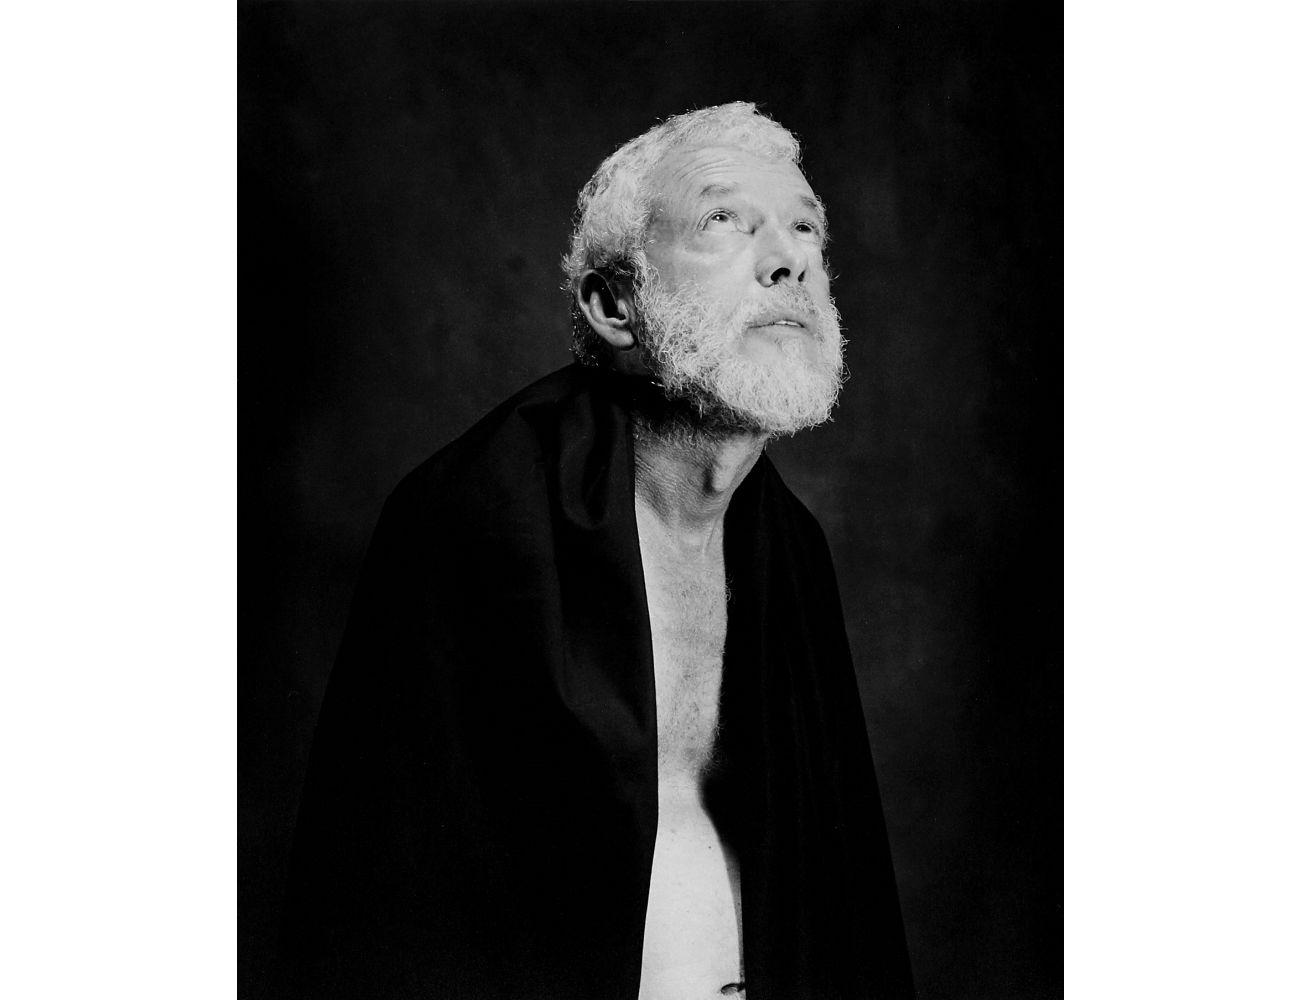 Ricardo Lindo retratado de igual forma que el predicador Jean Journet en 1857 por el fotógrafo Felix Nadar.